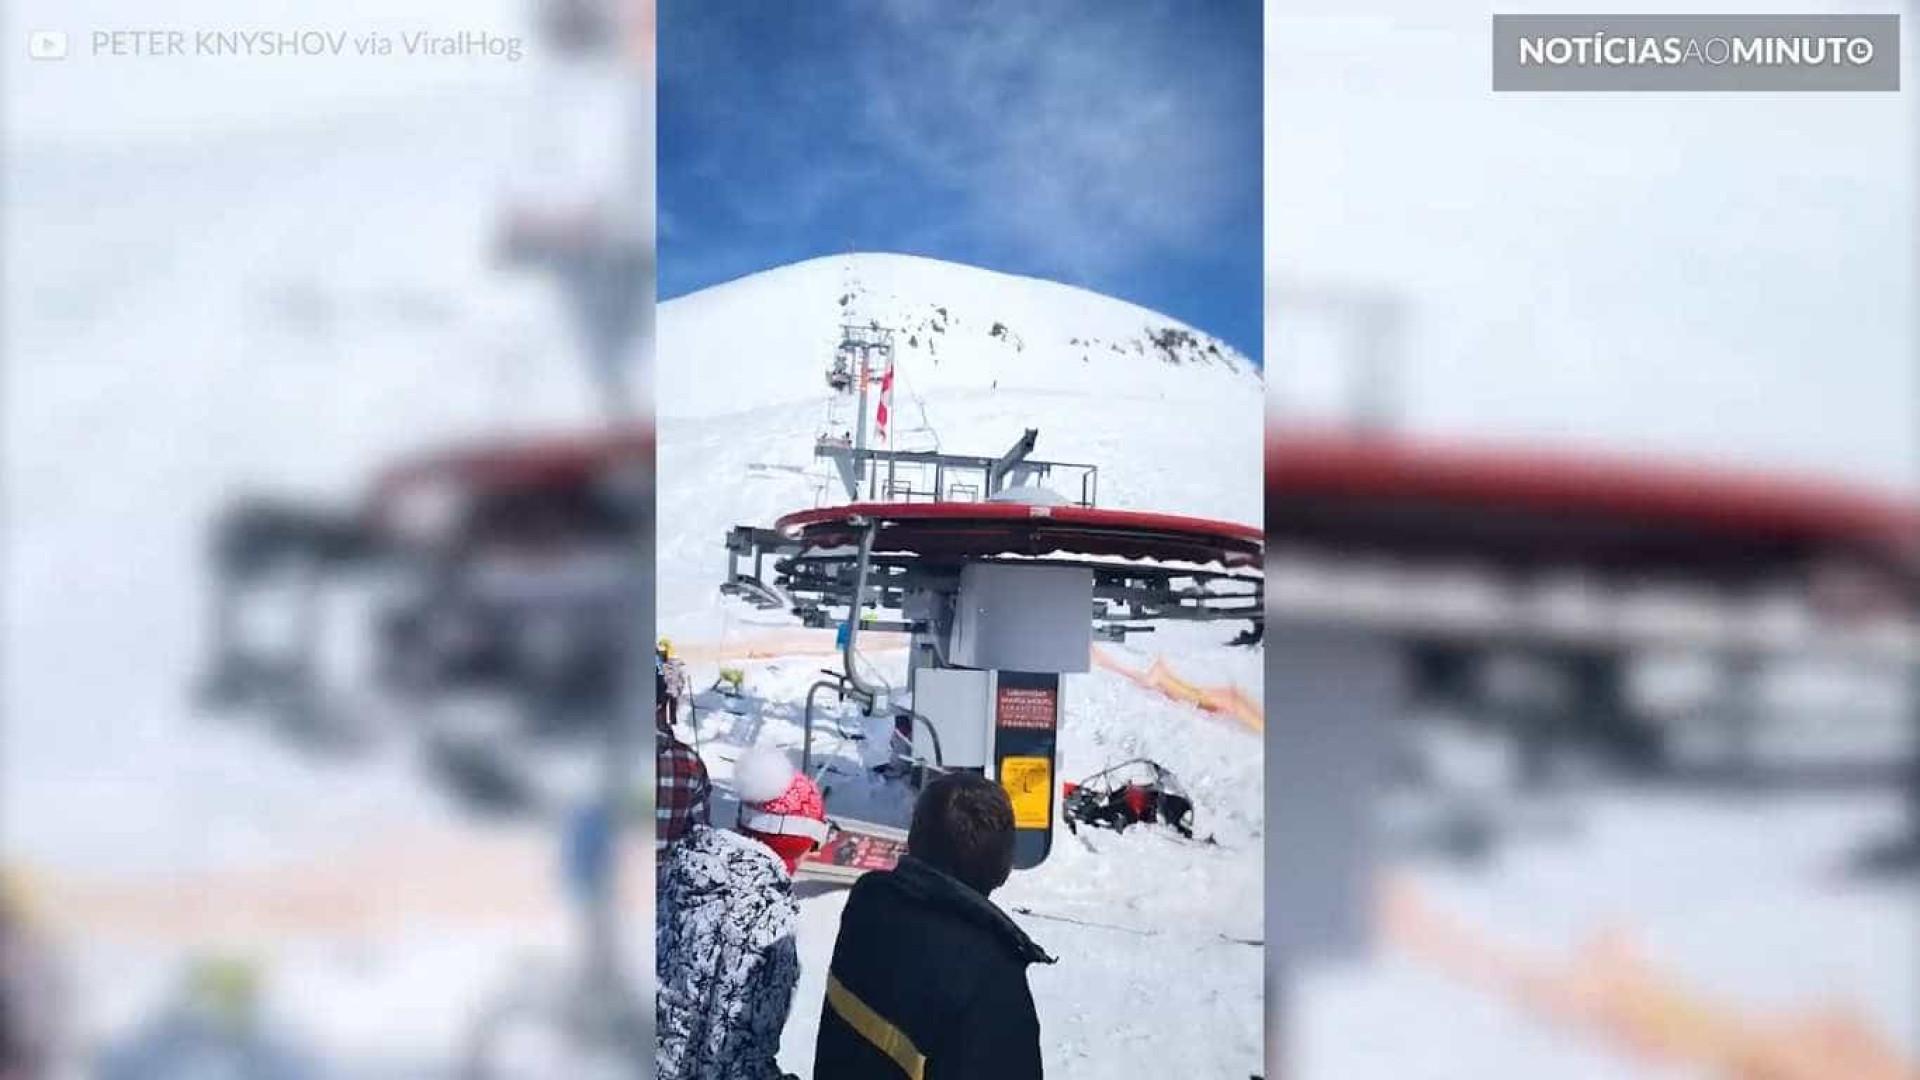 Pânico: teleférico fora de controle arremessa esquiadores na Geórgia